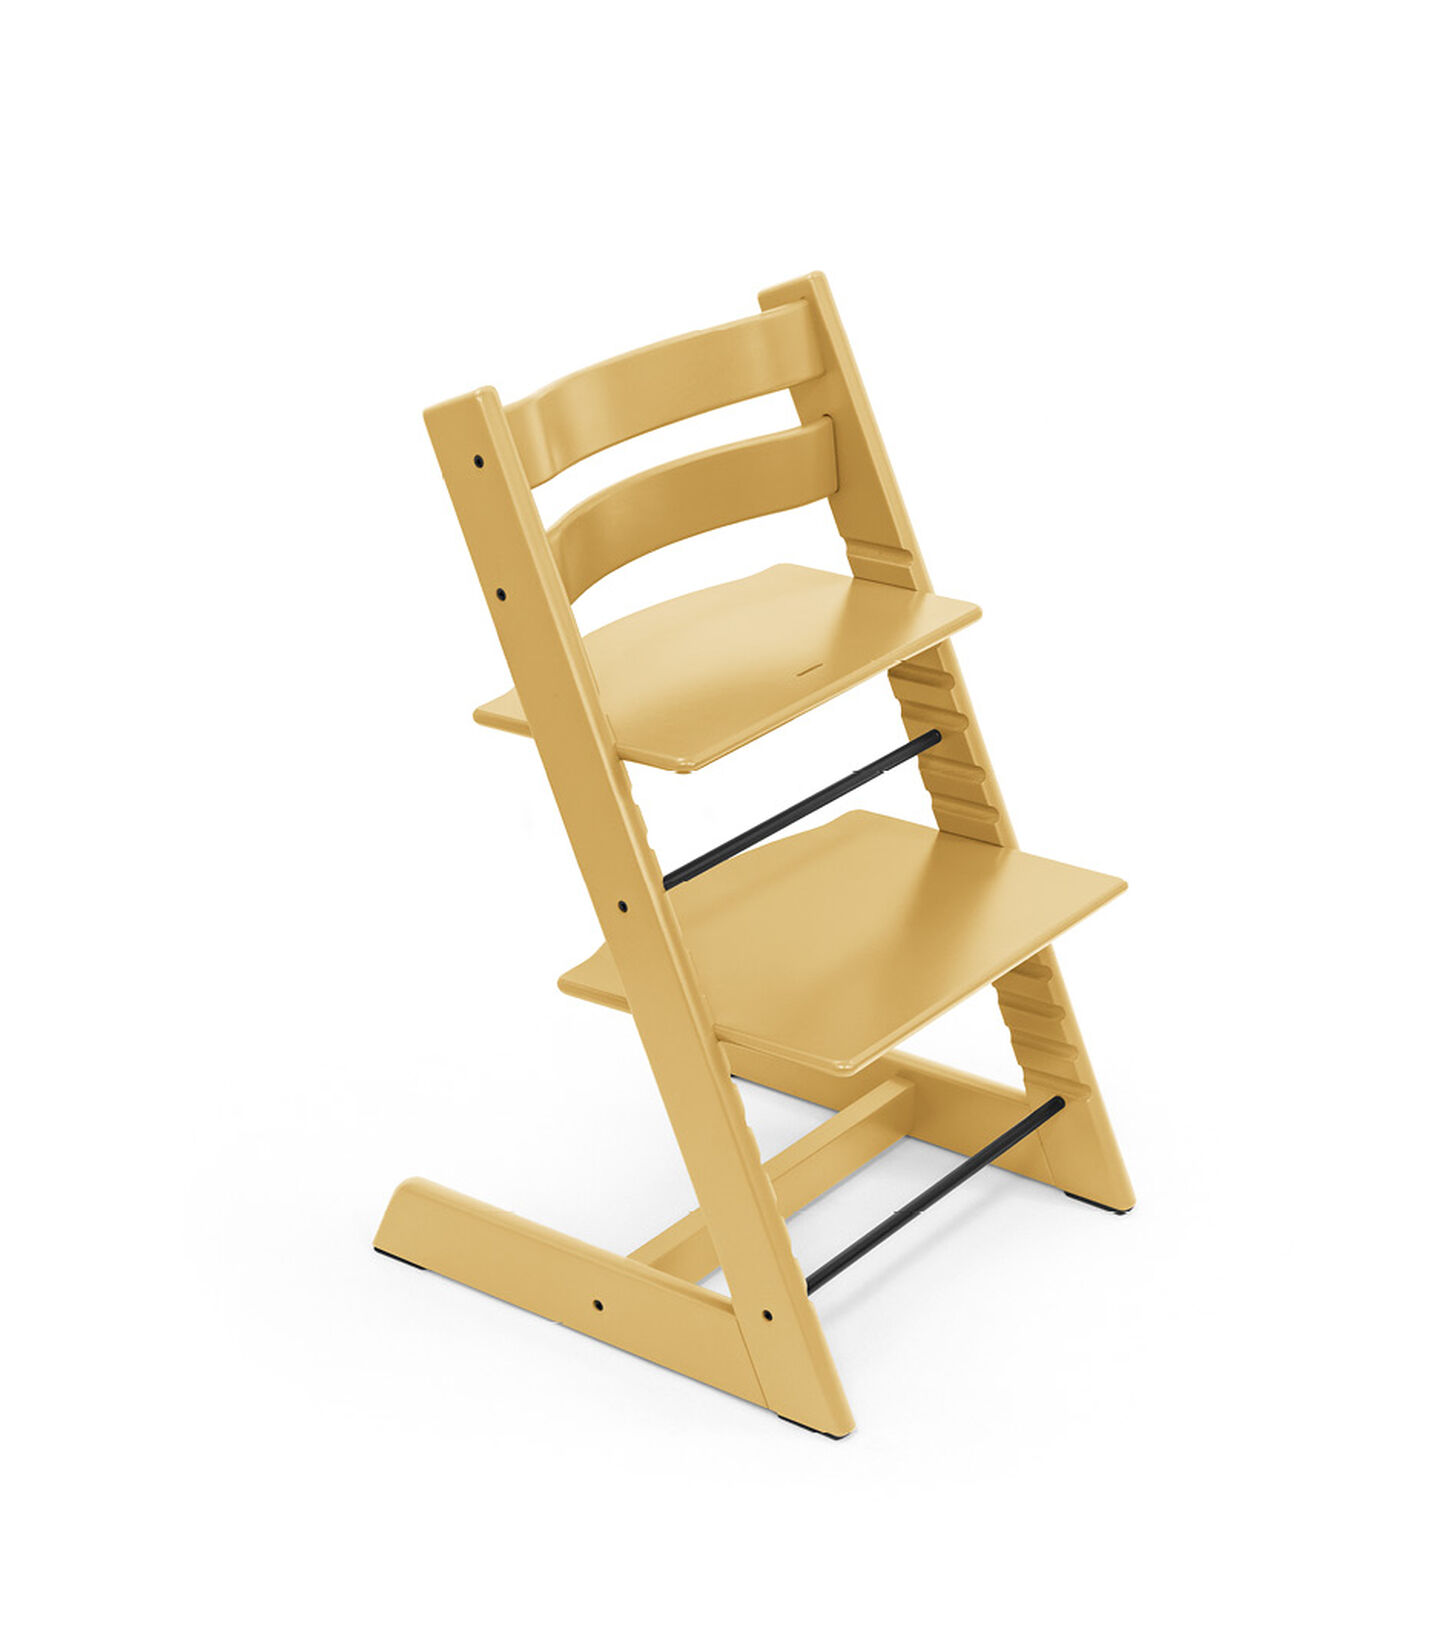 Tripp Trapp® stoel Sunflower Yellow, Sunflower Yellow, mainview view 1